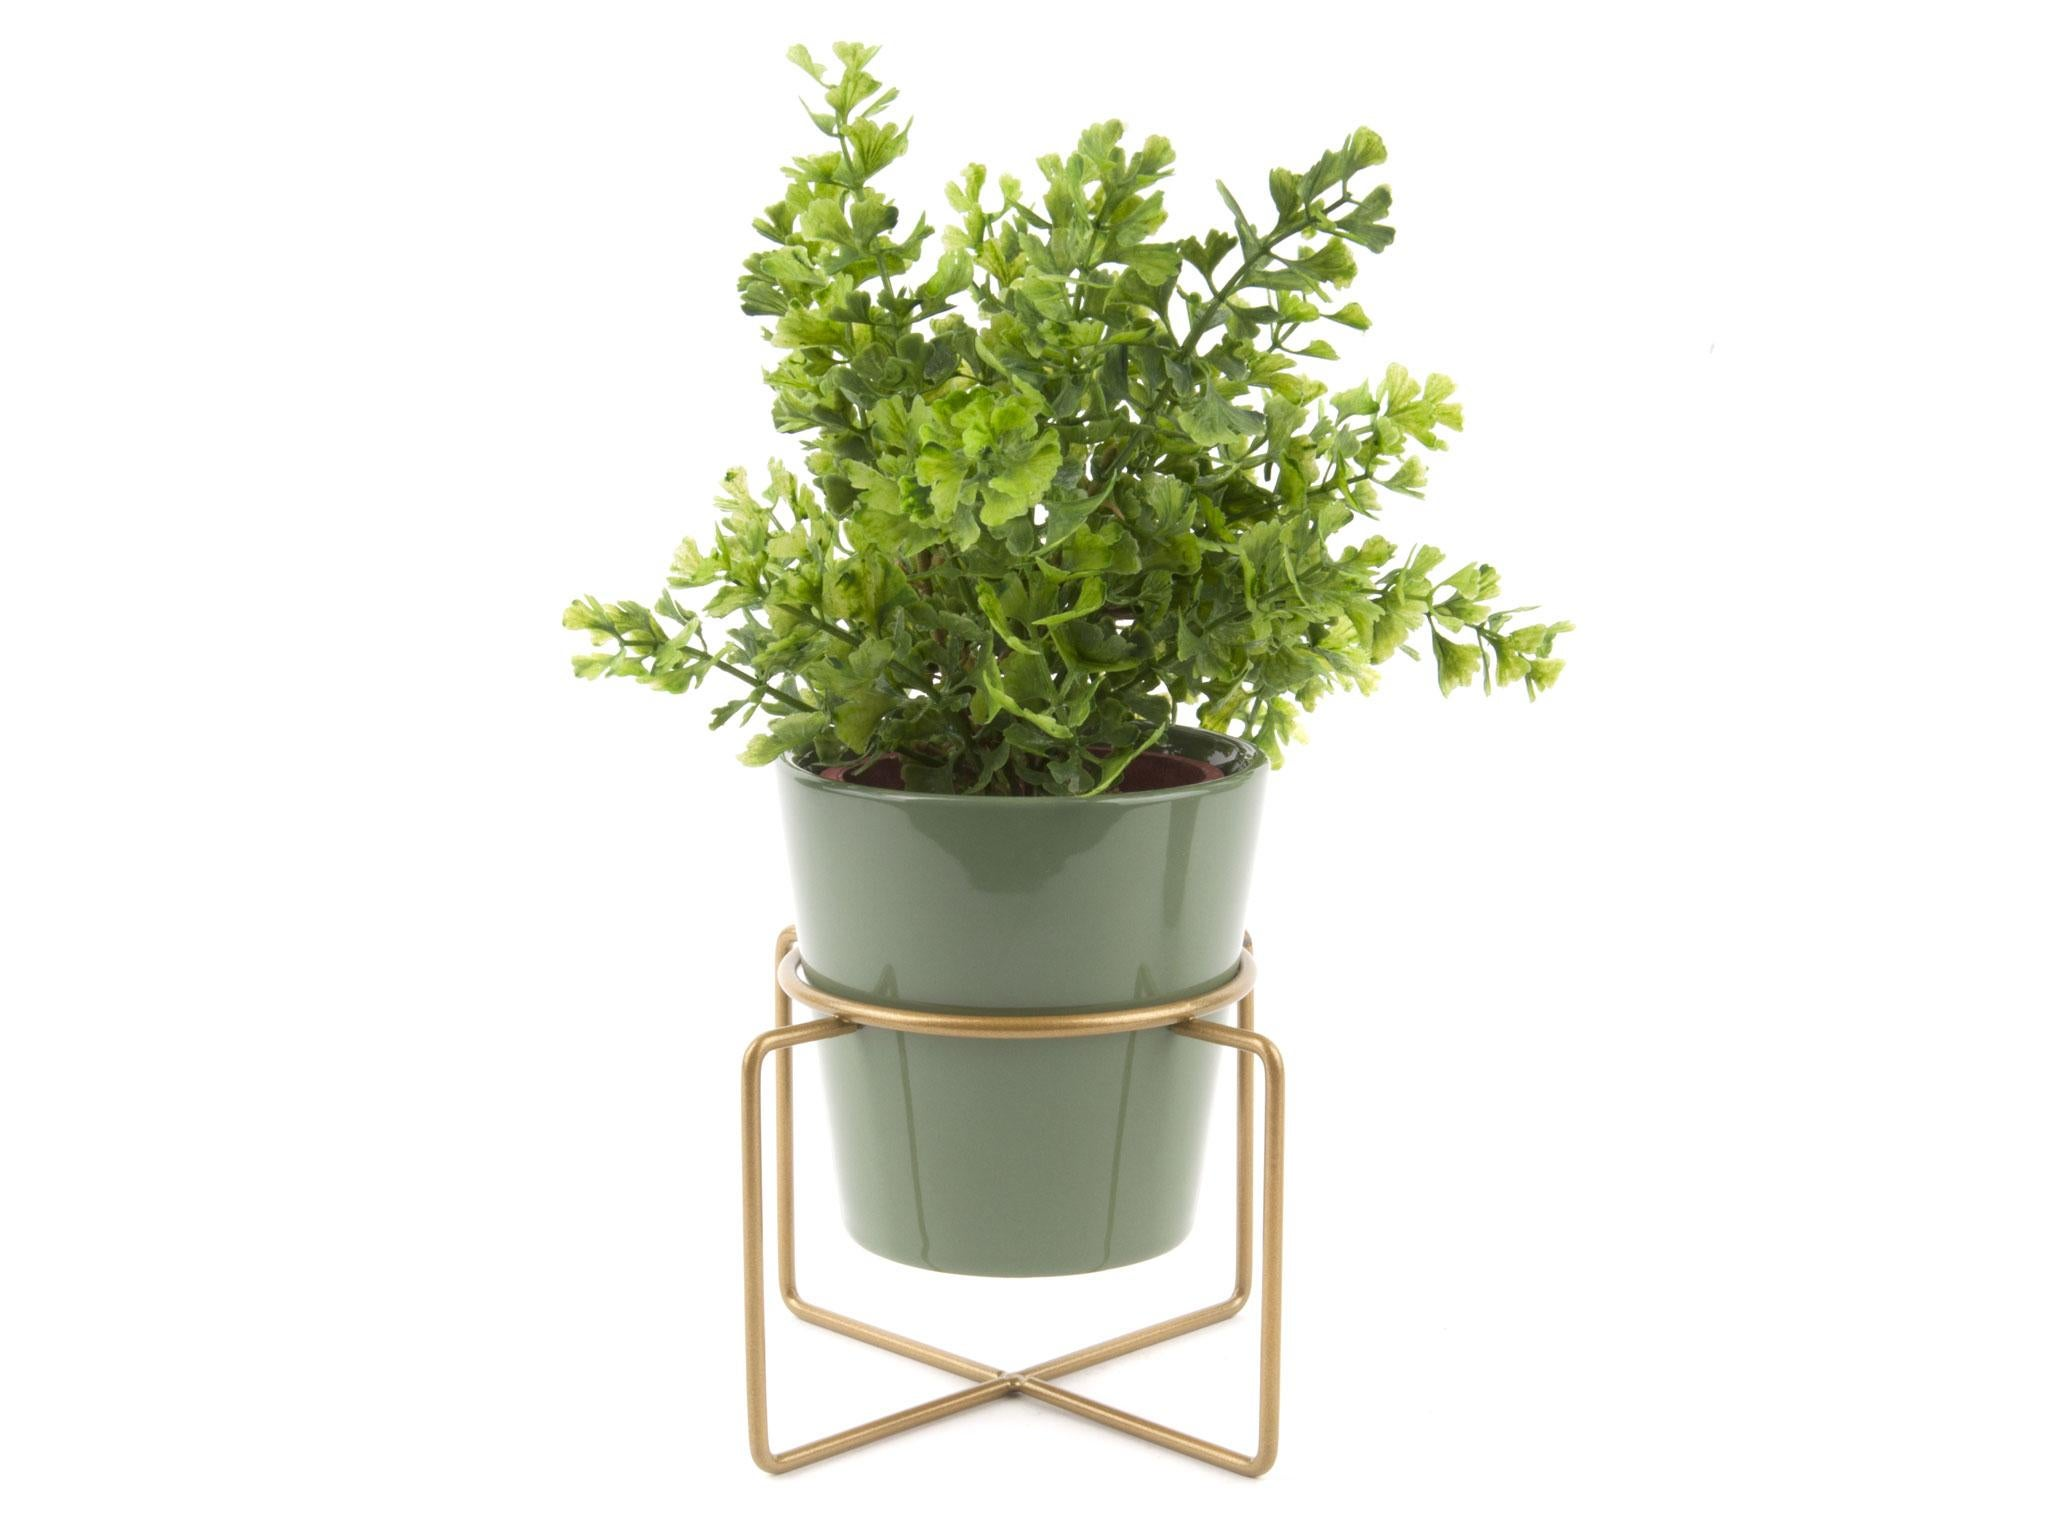 10 best indoor plant stands | The Independent